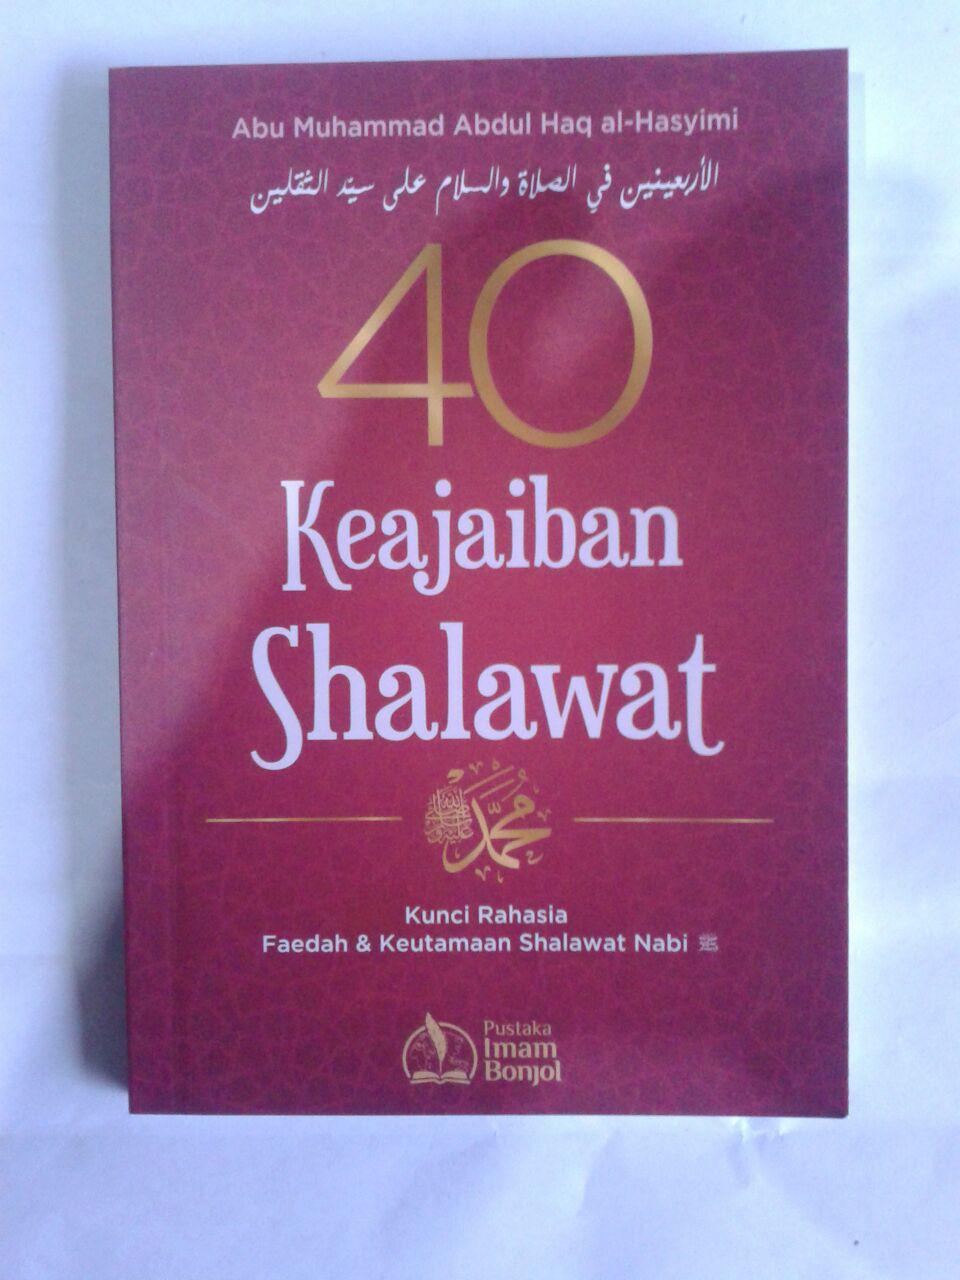 Buku 40 Keajaiban Shalawat Kunci Rahasia Shalawat Nabi cover 2